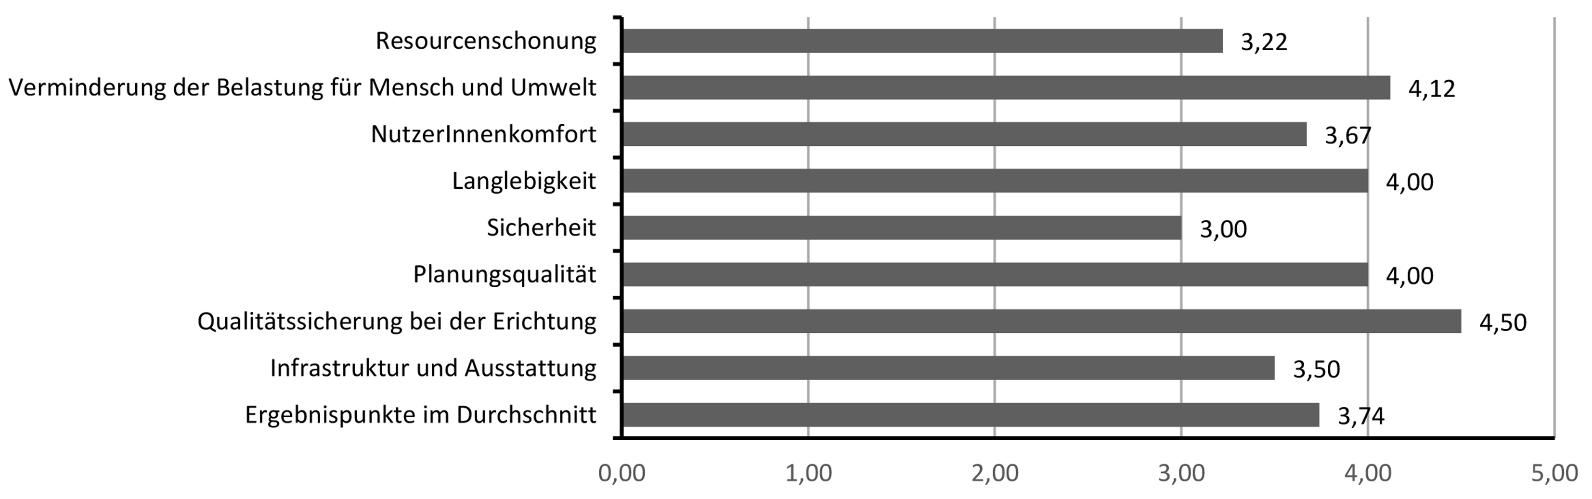 Ergebnisse der TQ-B-Bewertung der Wohnhausanlage Sieglanger/Innsbruck